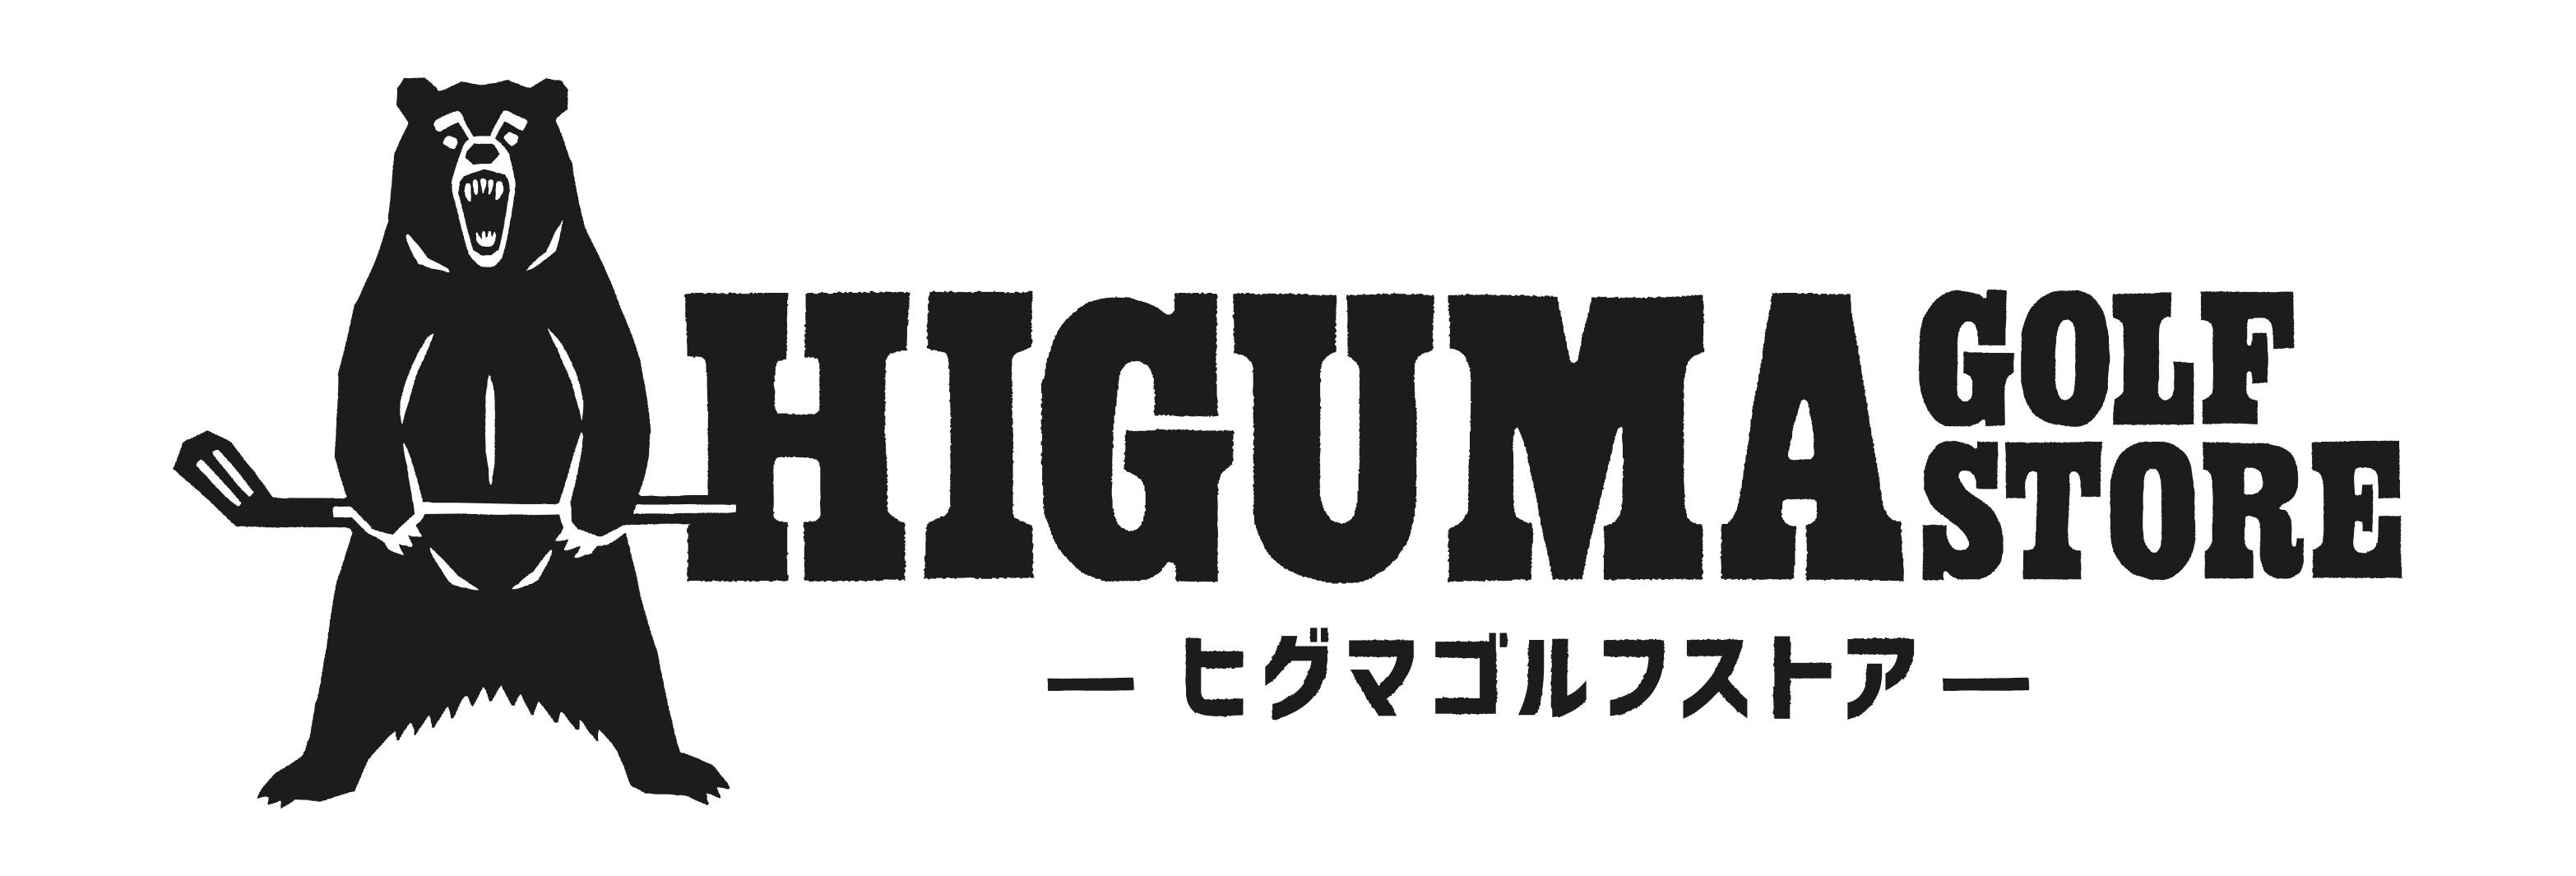 ゴルフウェア通販サイト 【HIGUMA GOLF STORE(ヒグマゴルフストア)】